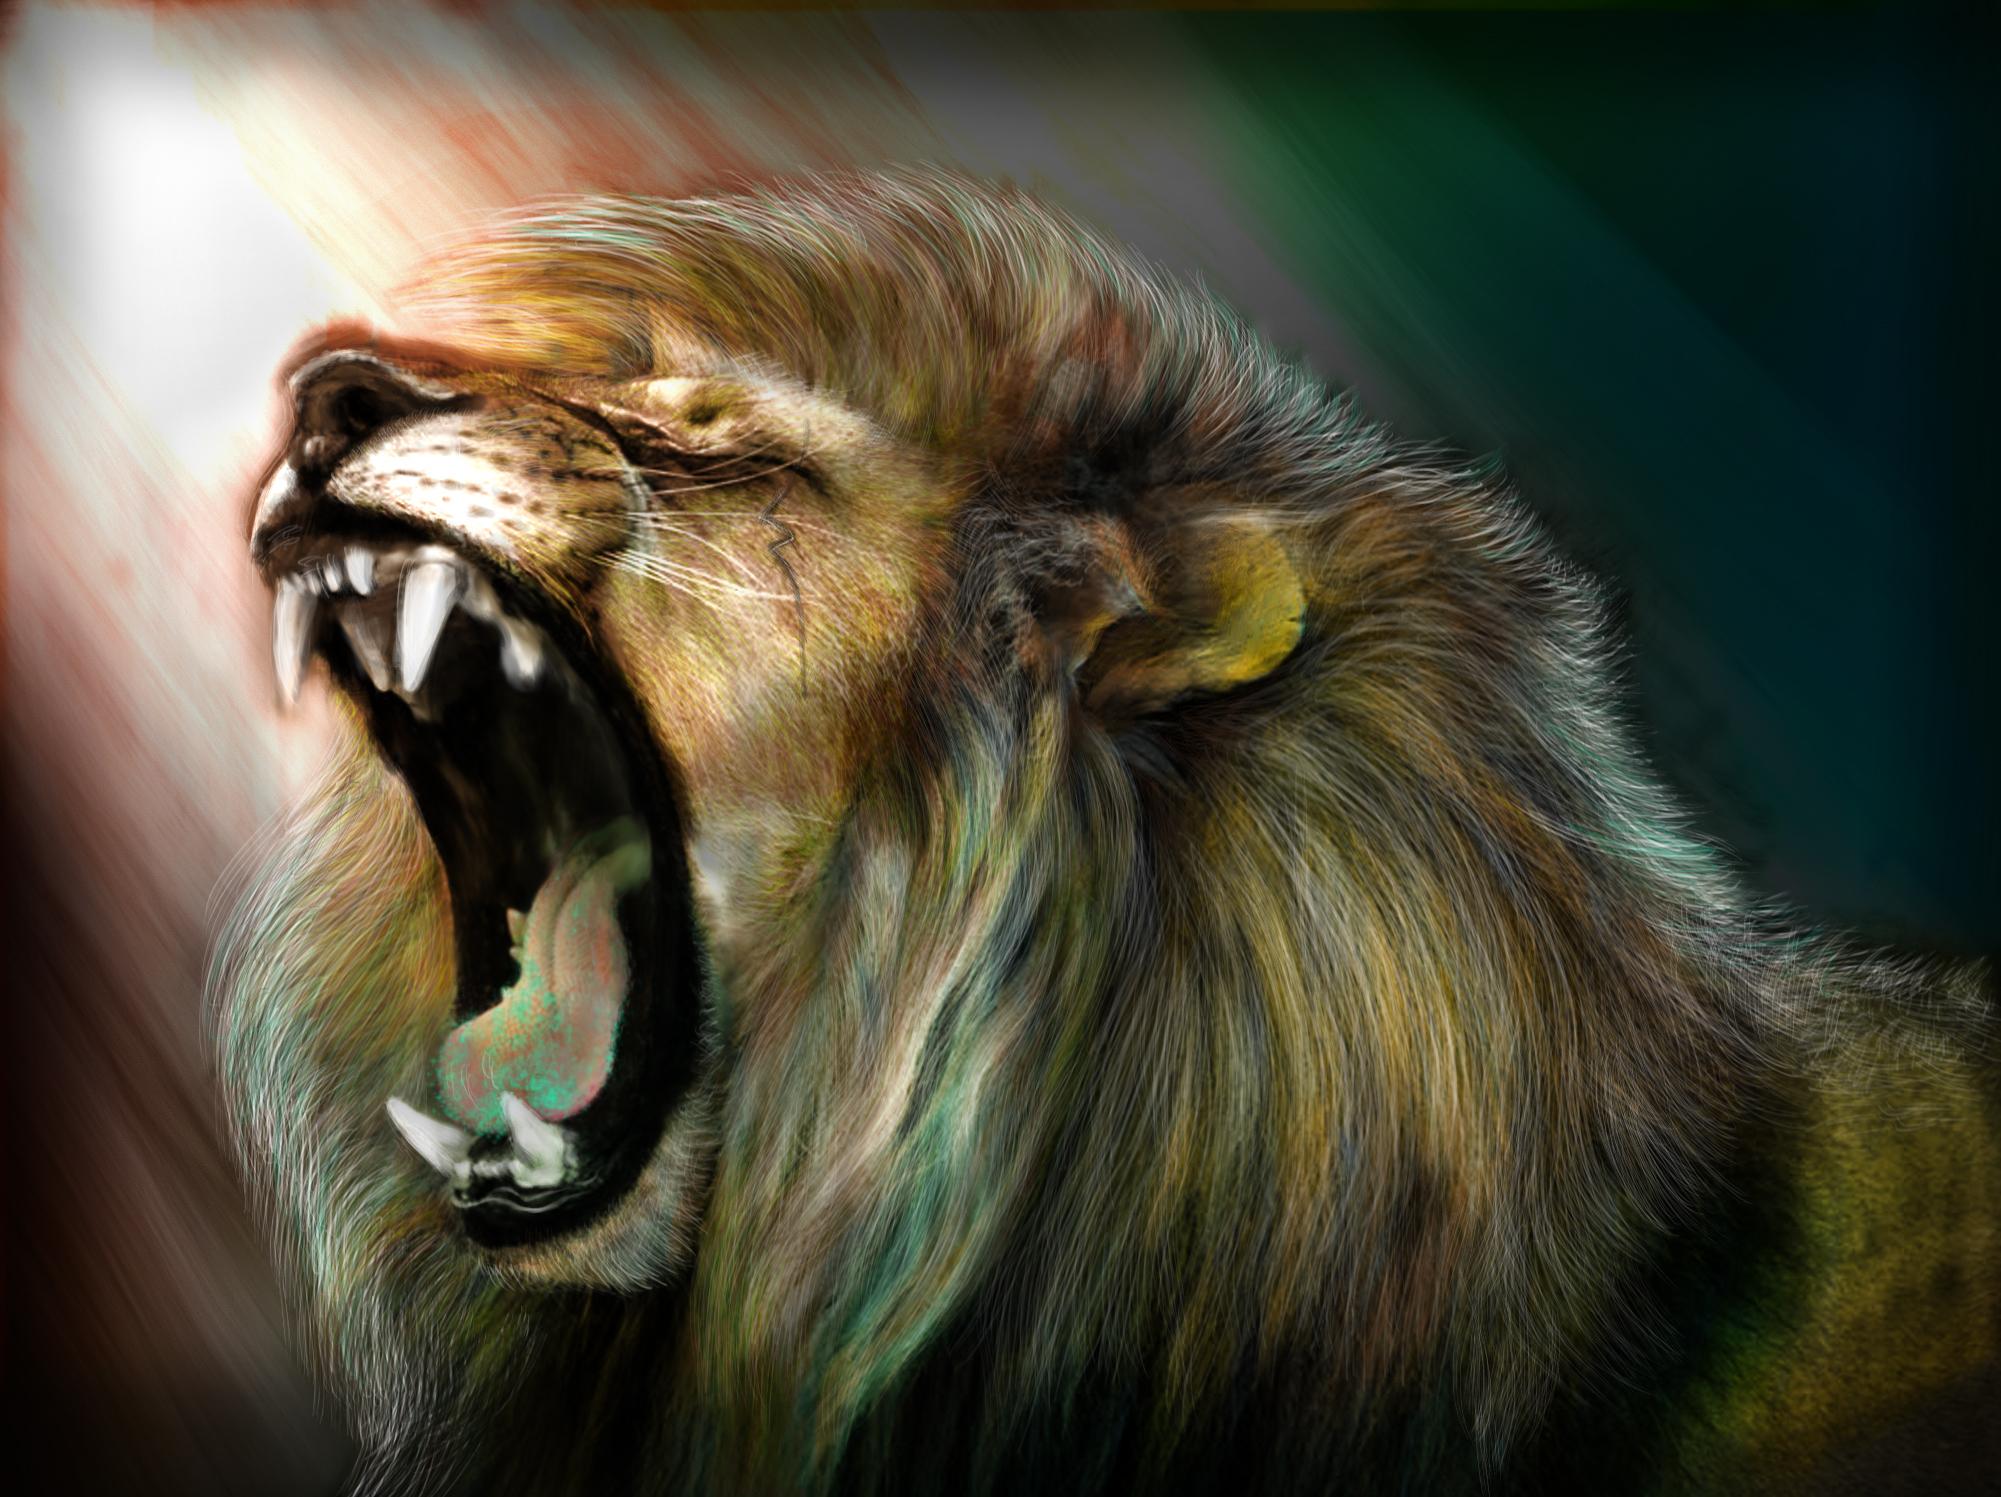 Image Of A Roaring Lion Dowload: Art Lion Roar Wallpaper